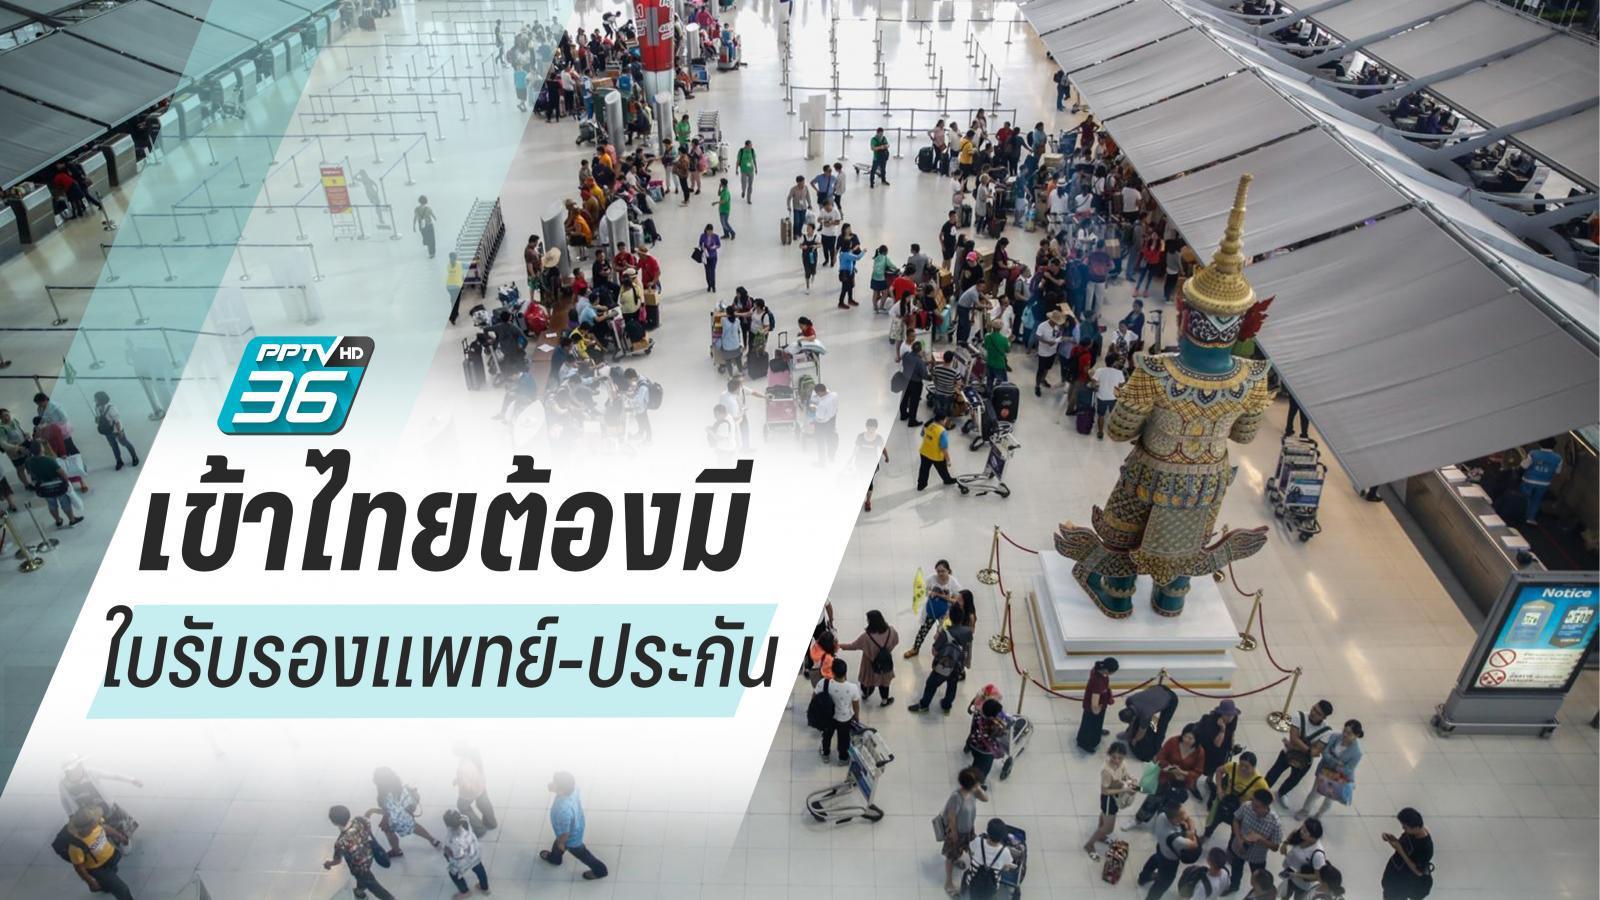 สั่งเข้มสกัดโควิด-19 เข้าไทย ต้องมีใบรับรองแพทย์-ประกัน100,000 เหรียญ